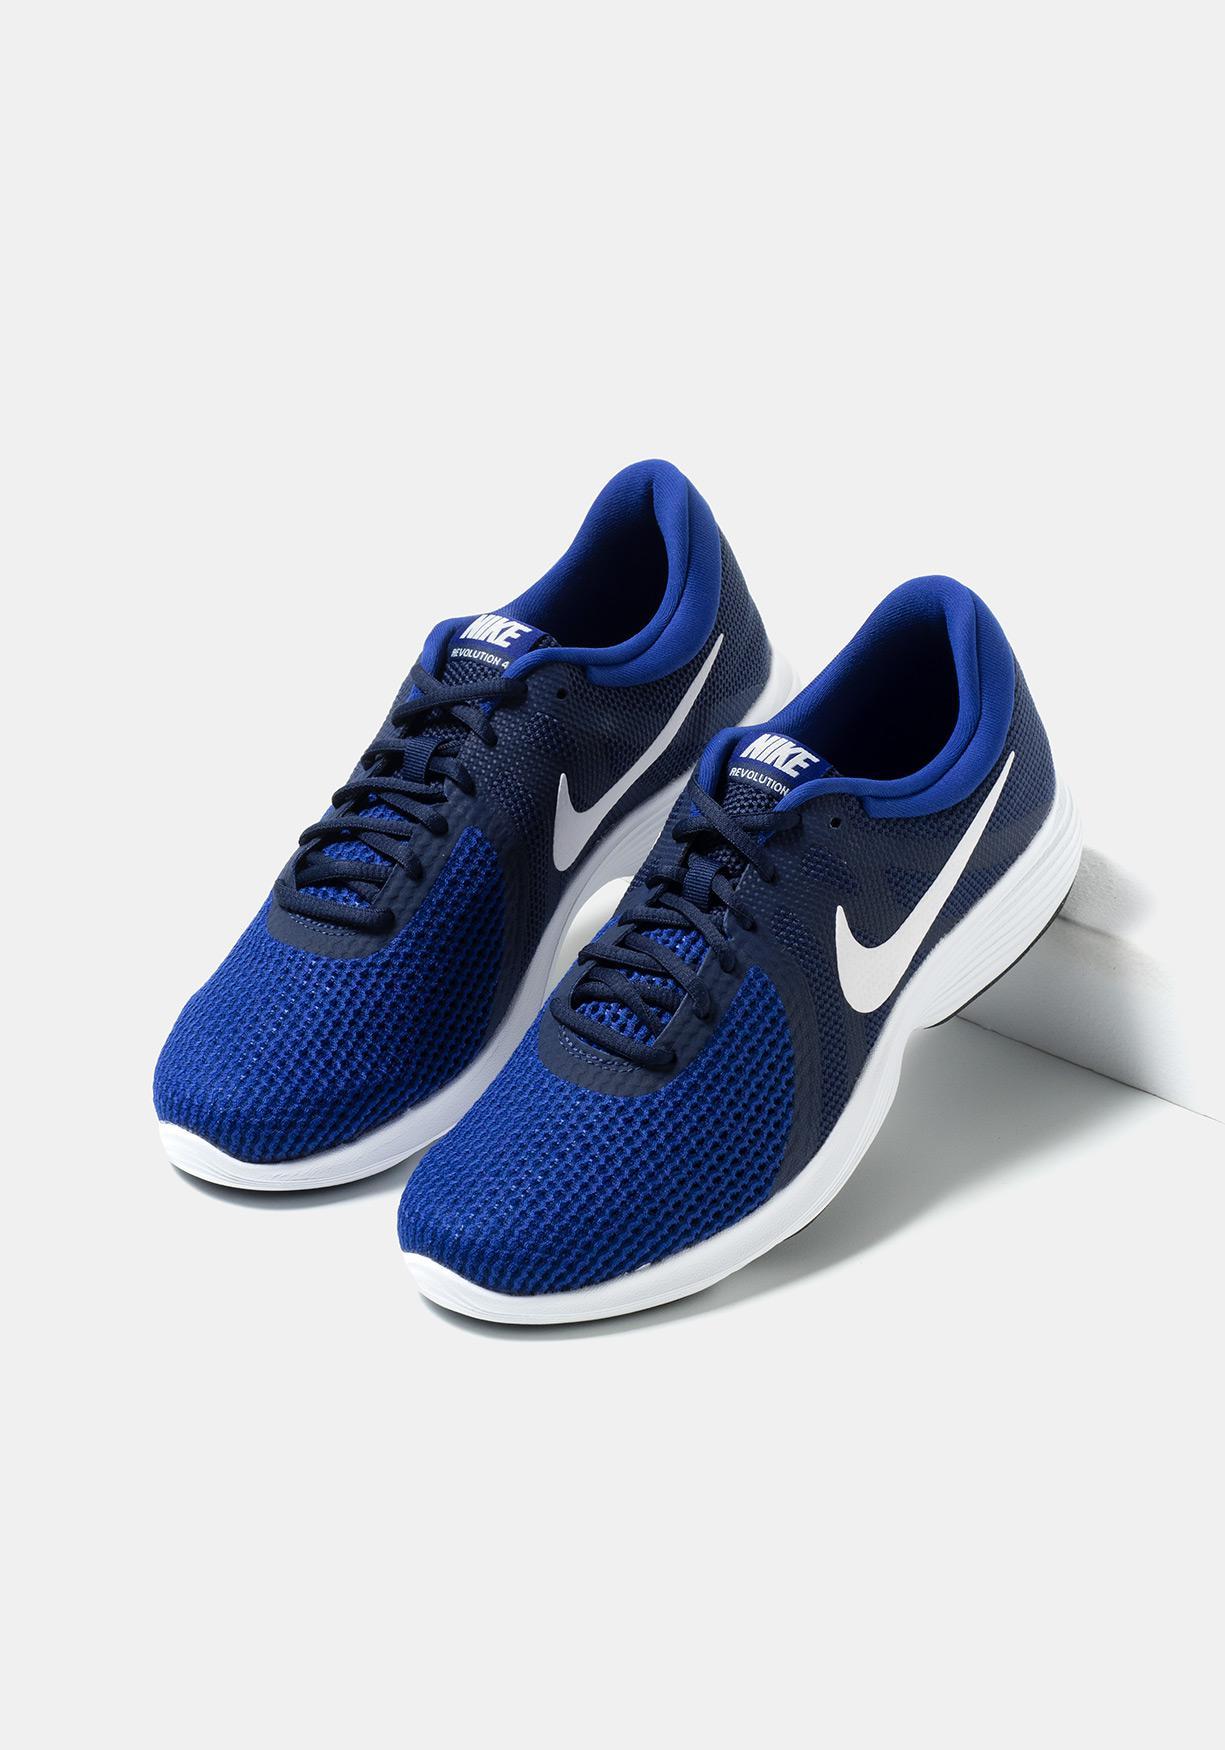 375f5f418 Precios Nike ¡aprovéchate Nuestros Deporte De Zapatillas Comprar qgn6HAZgw